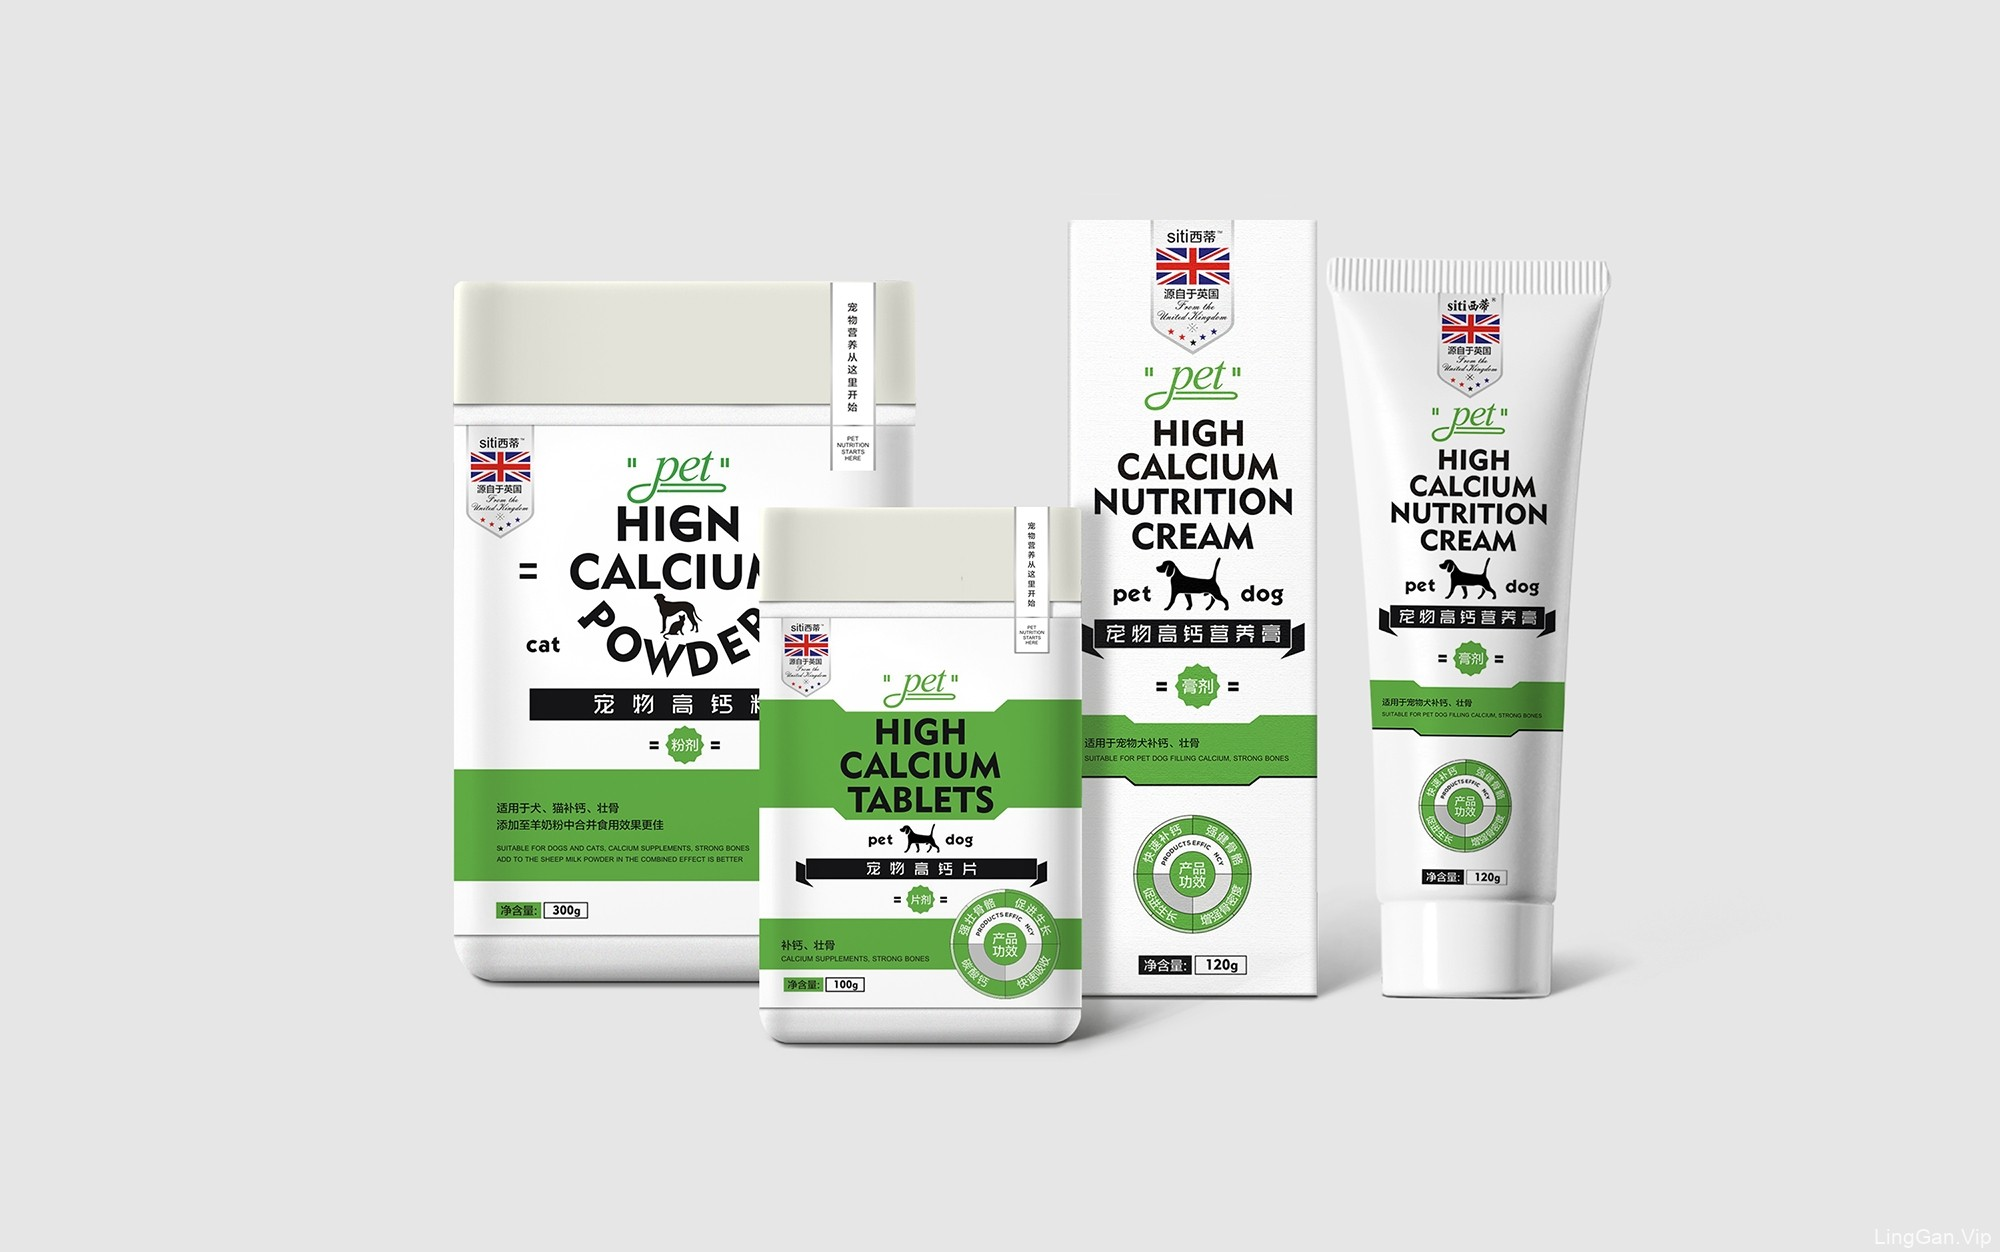 猫粮,狗粮等宠物食品营养品包装设计